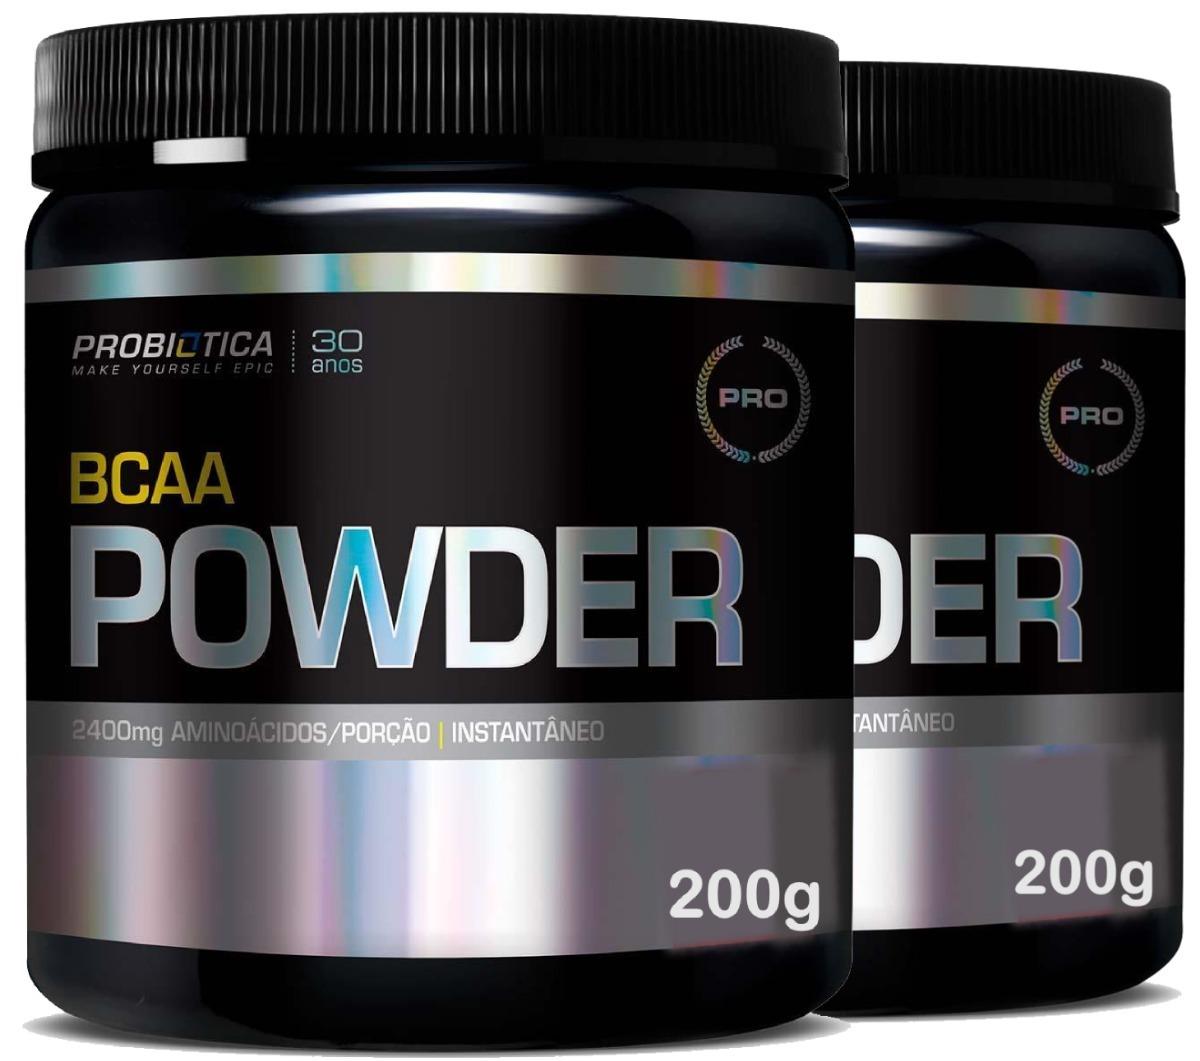 7a73f0d83 02 bcaa powder 200g probiótica vários sabores   frete grátis. Carregando  zoom.